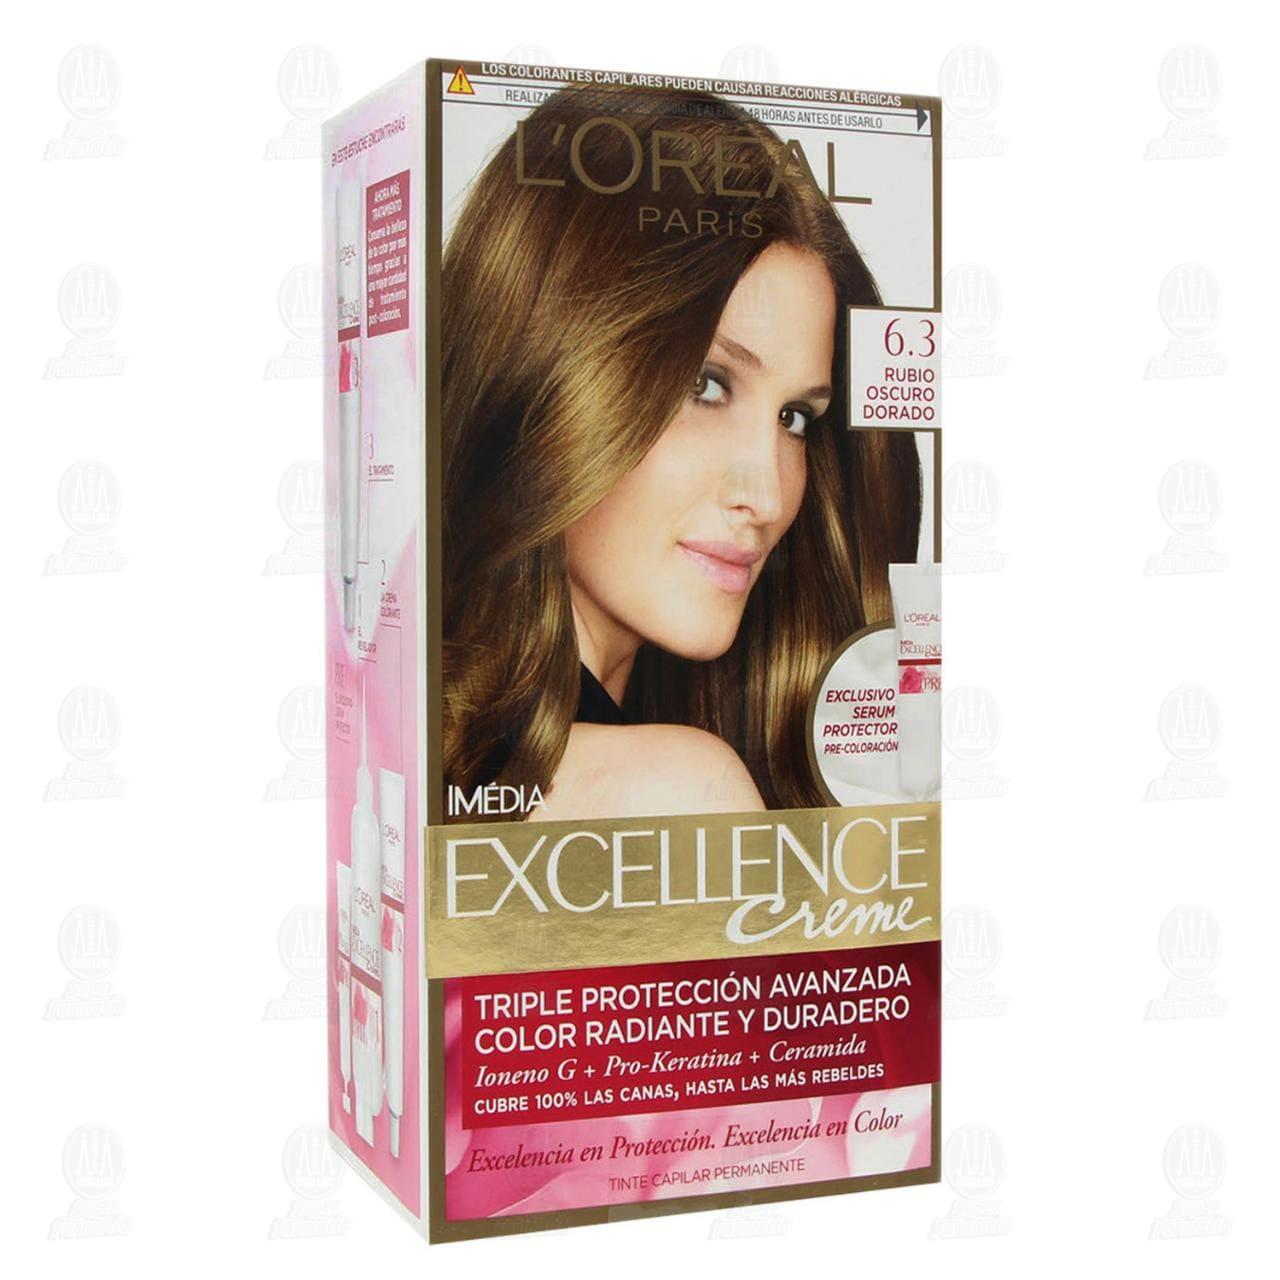 comprar https://www.movil.farmaciasguadalajara.com/wcsstore/FGCAS/wcs/products/904473_A_1280_AL.jpg en farmacias guadalajara